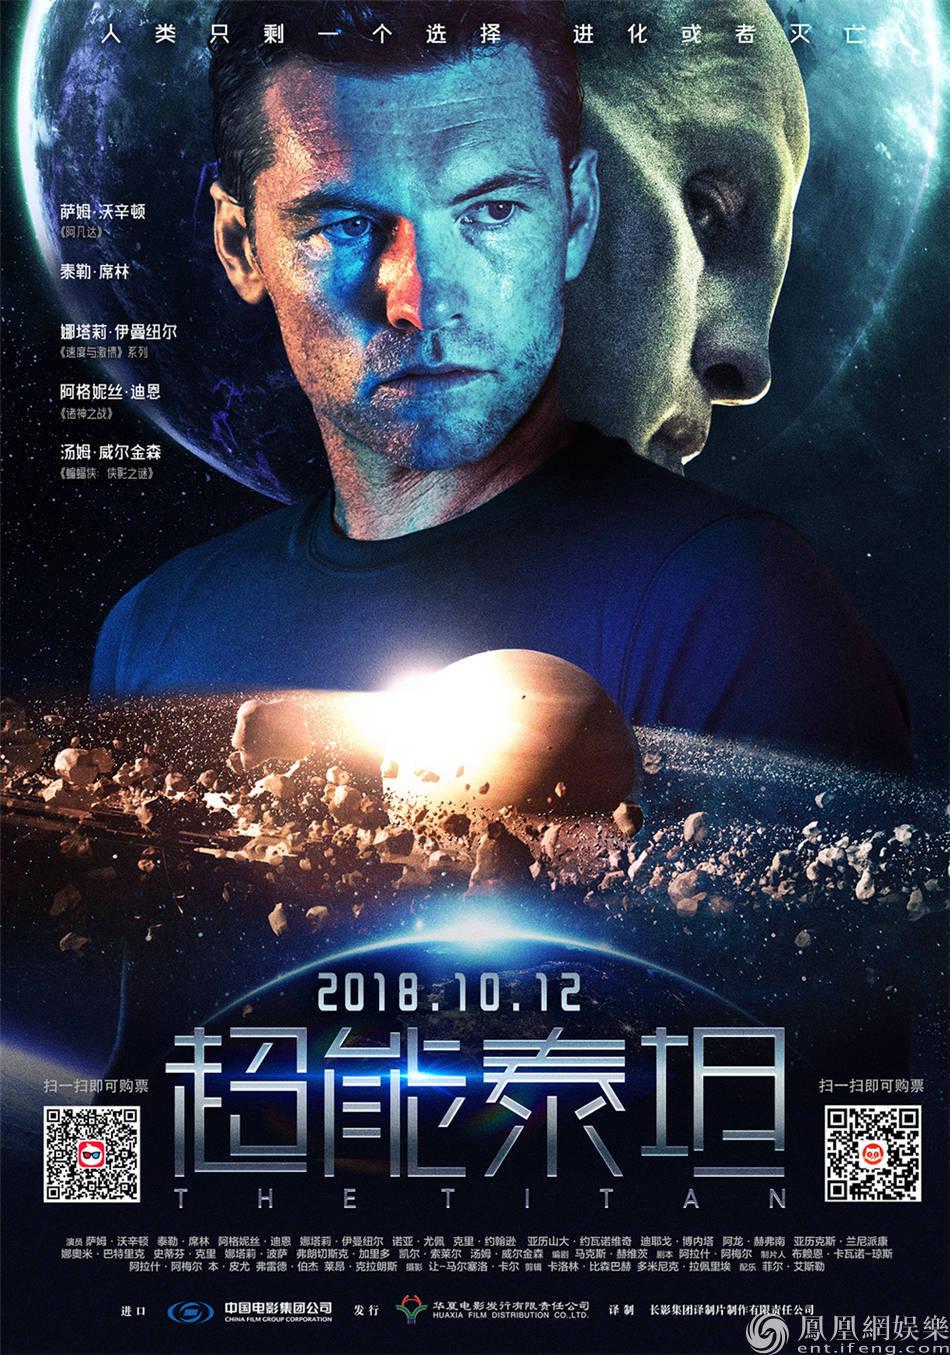 超能泰坦百度云高清中字 Mp4资源 云网盘下载